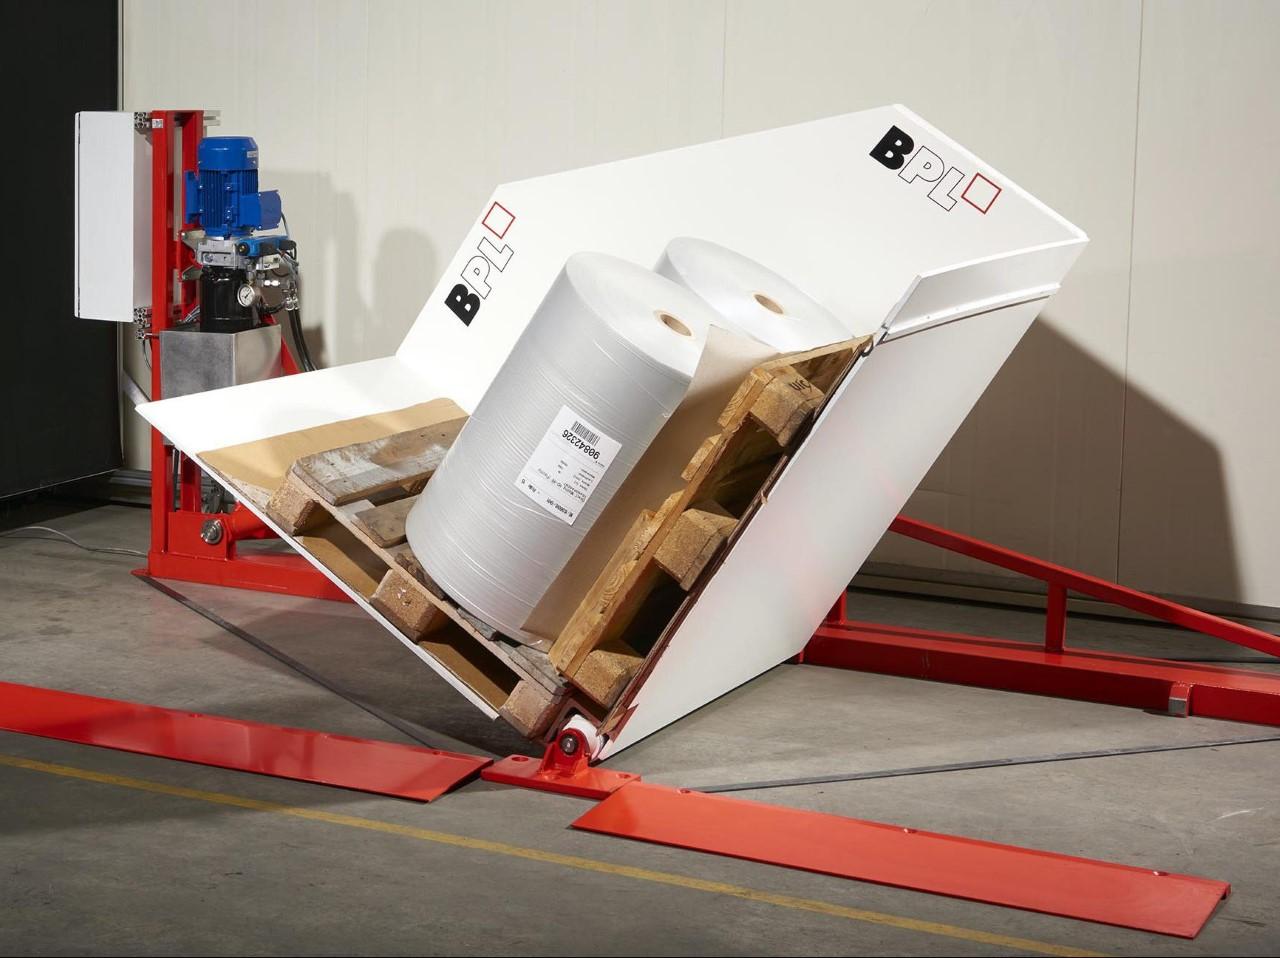 pallet inverter machine